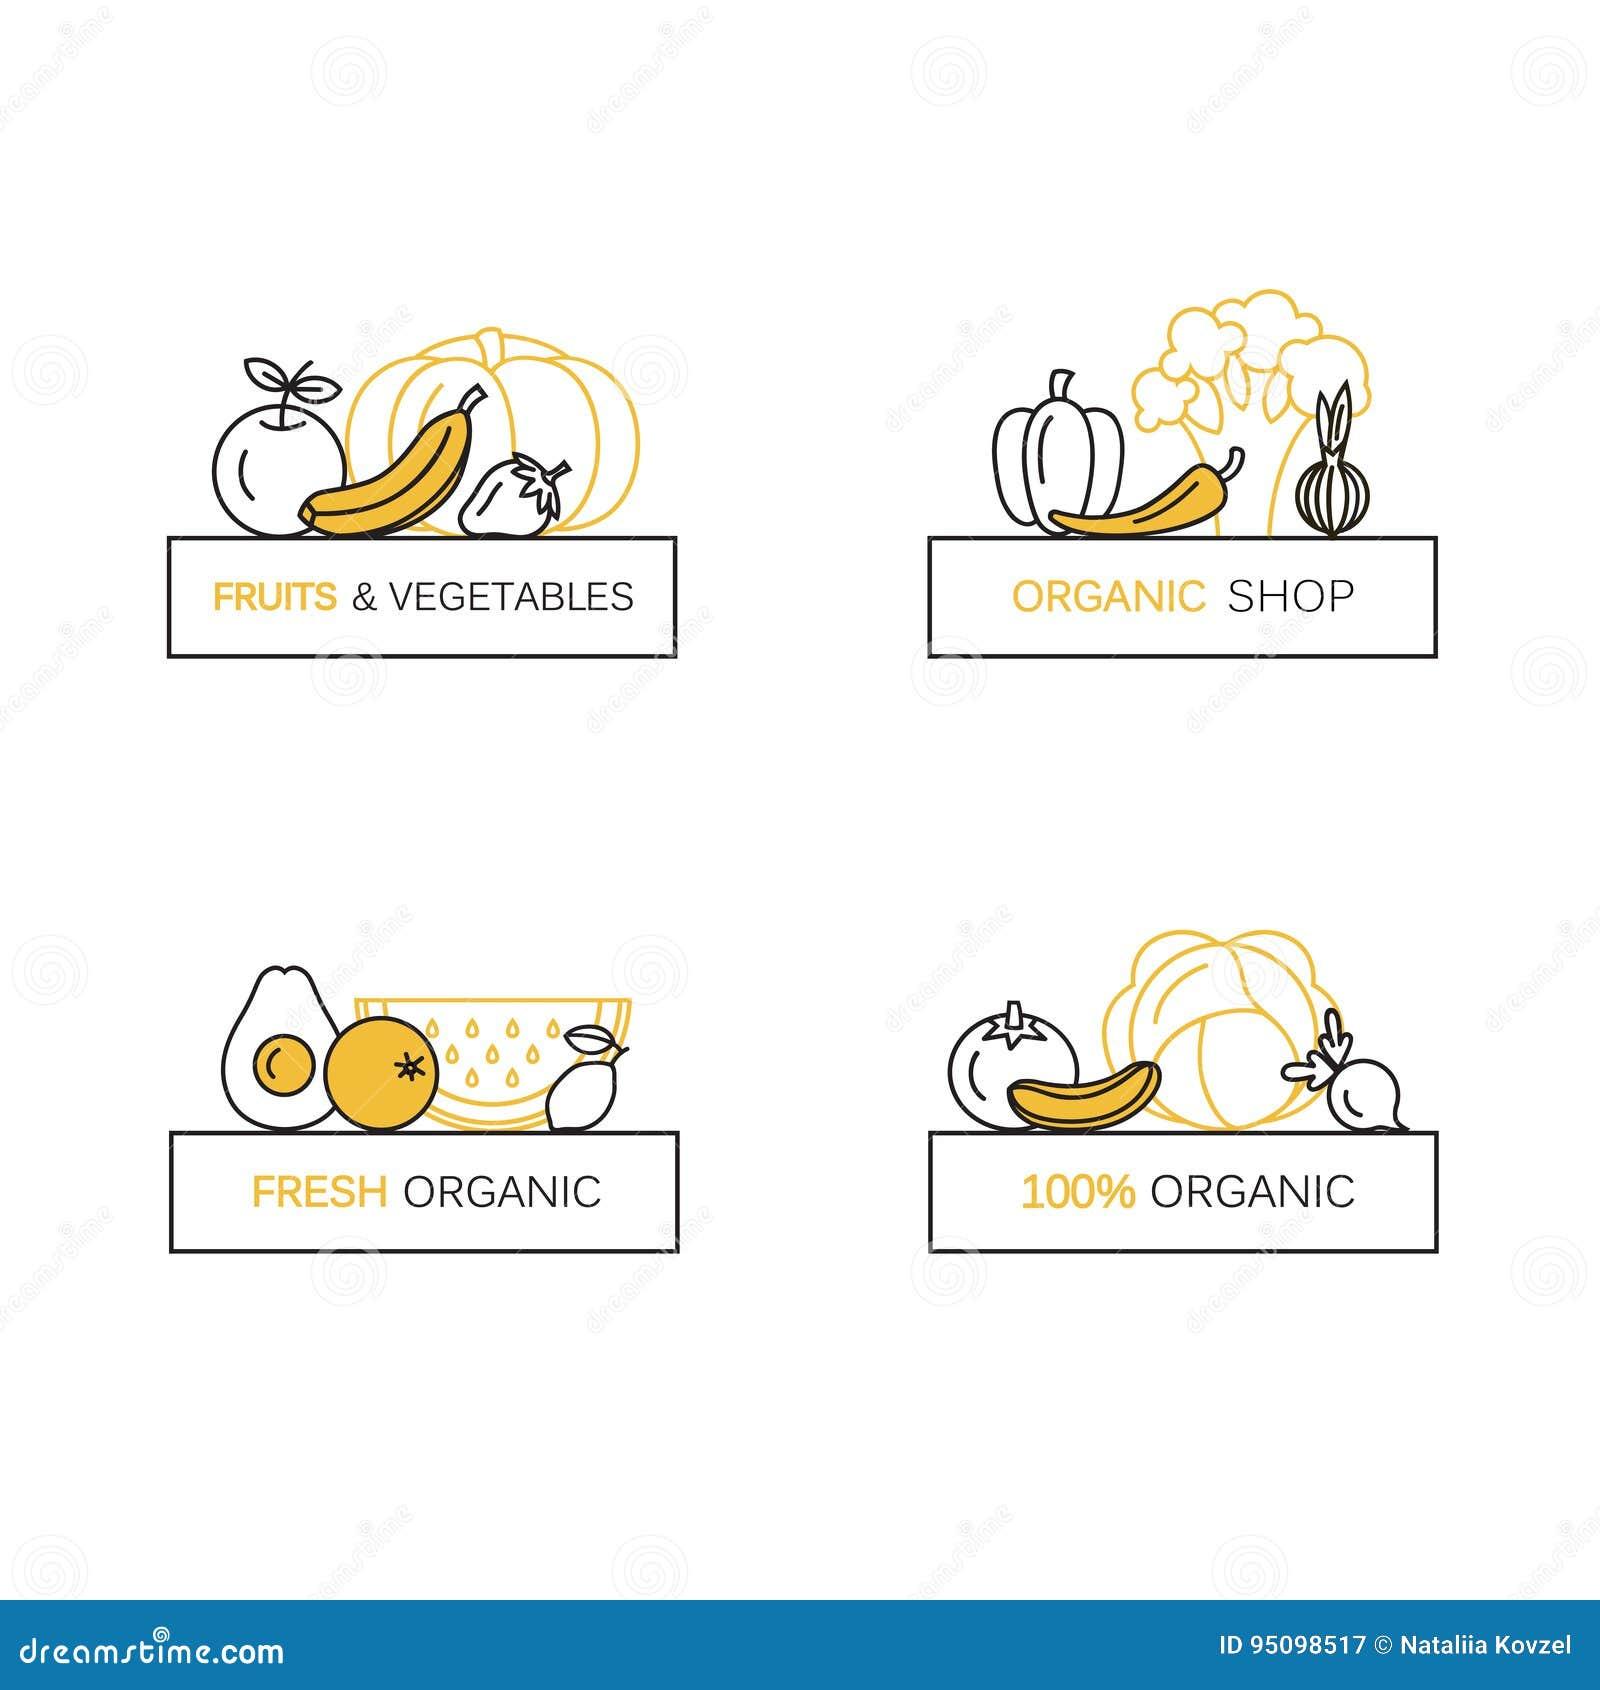 Sistema del vector de plantillas del diseño del logotipo en la línea estilo para los productos orgánicos - símbolos del icono de